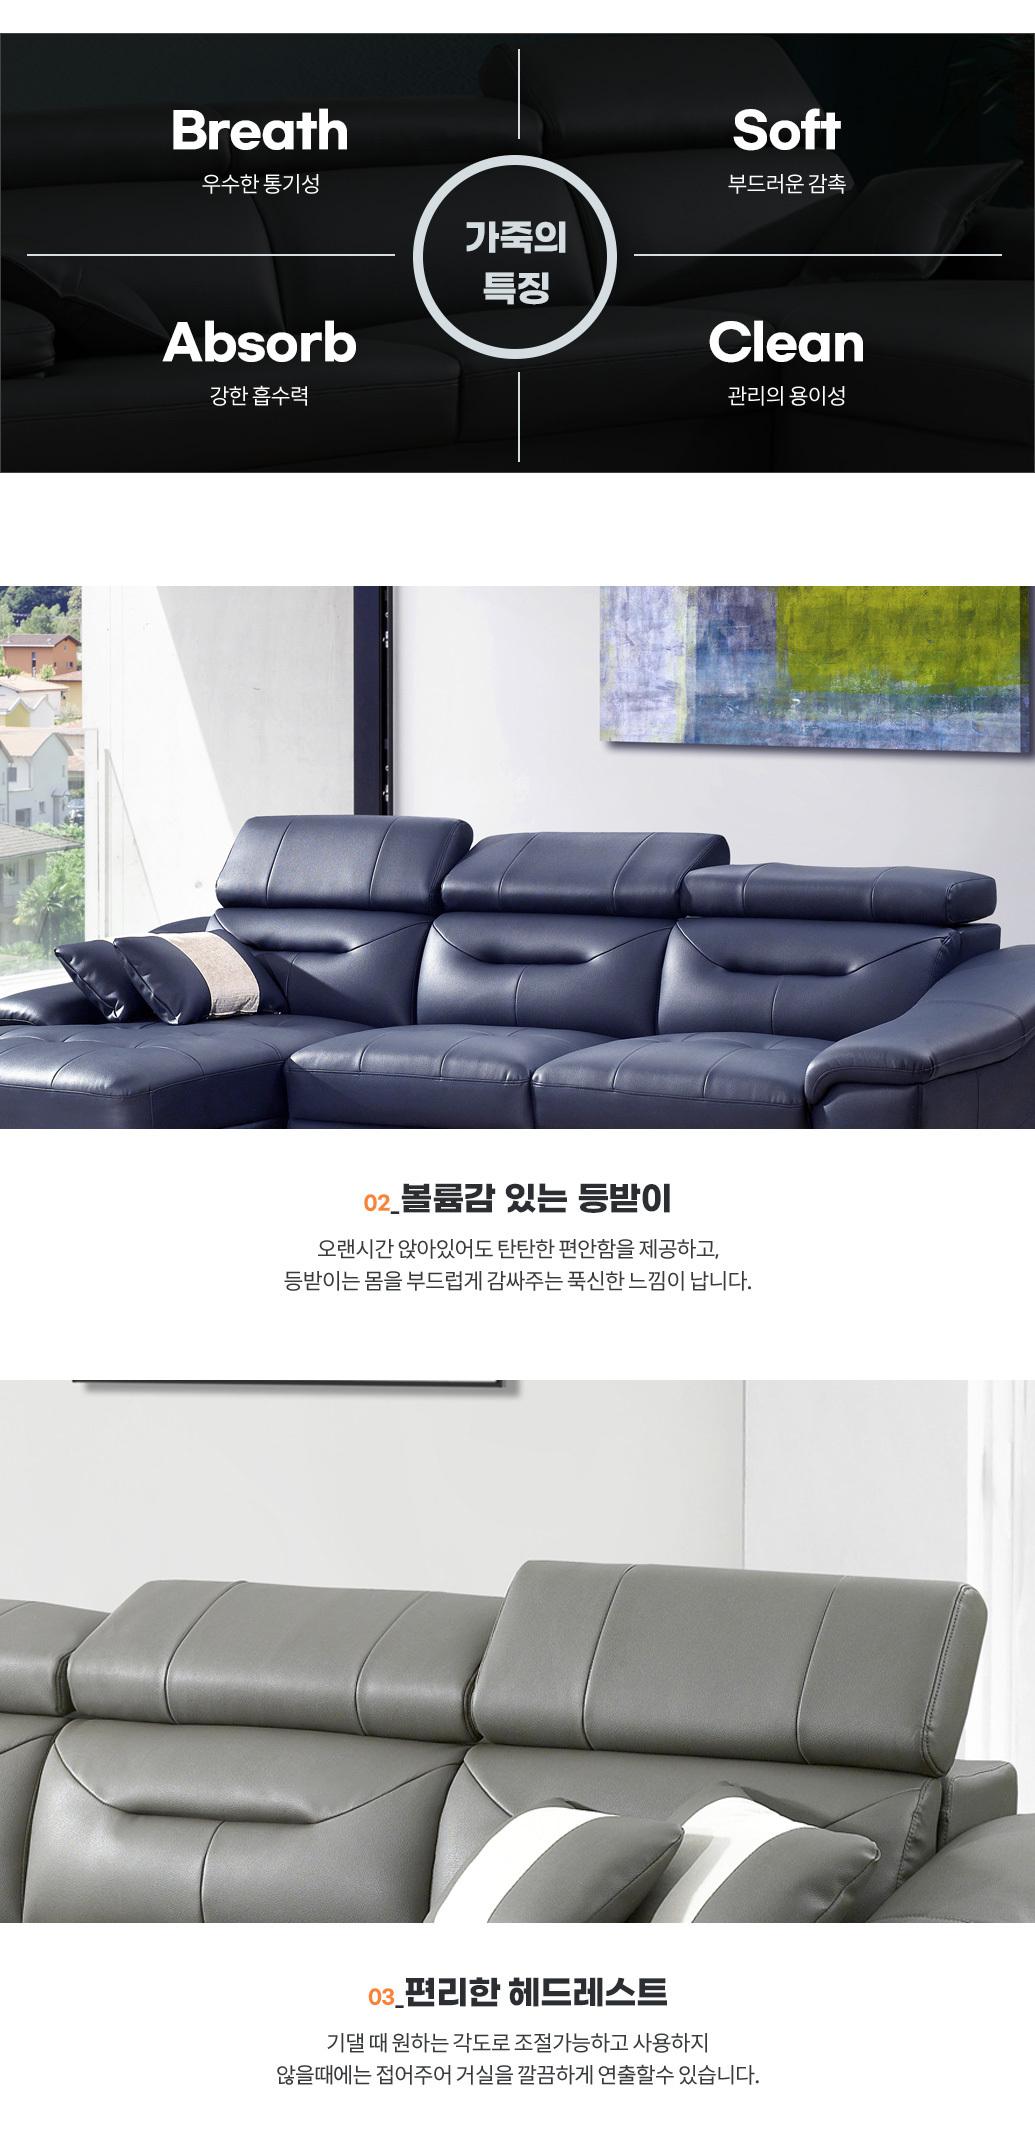 Nuka_couch_03.jpg